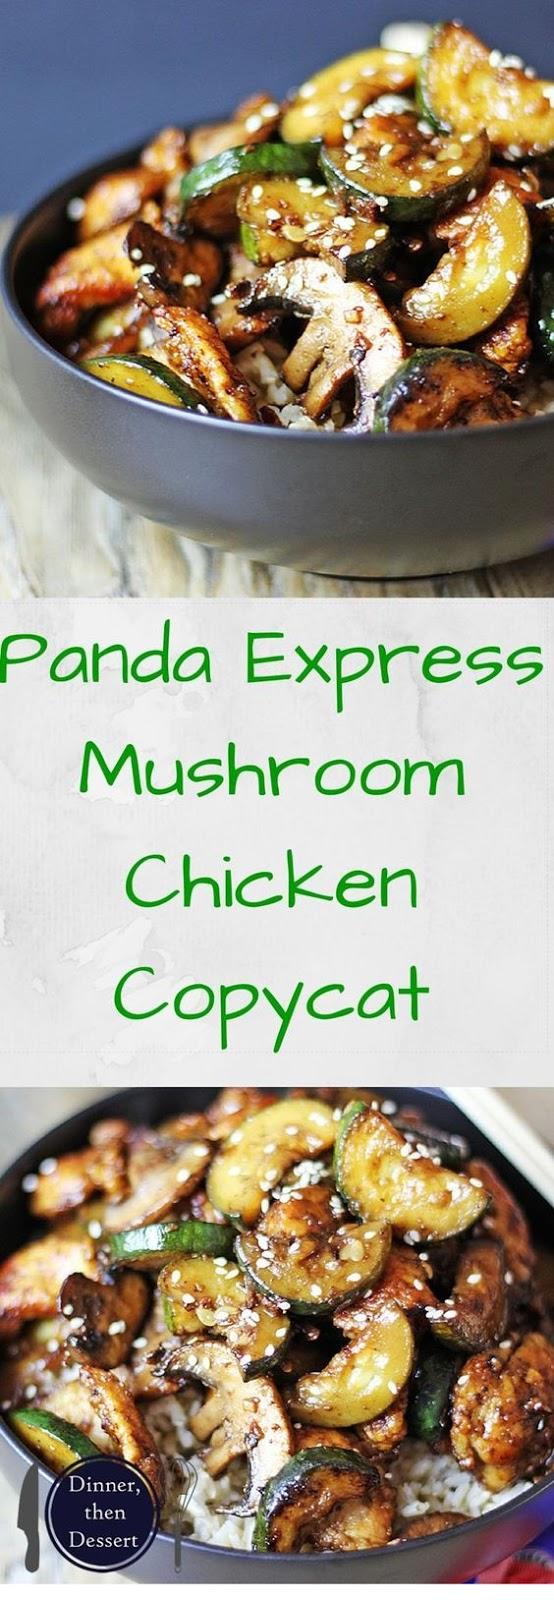 Panda Express Zucchini & Mushroom Chicken